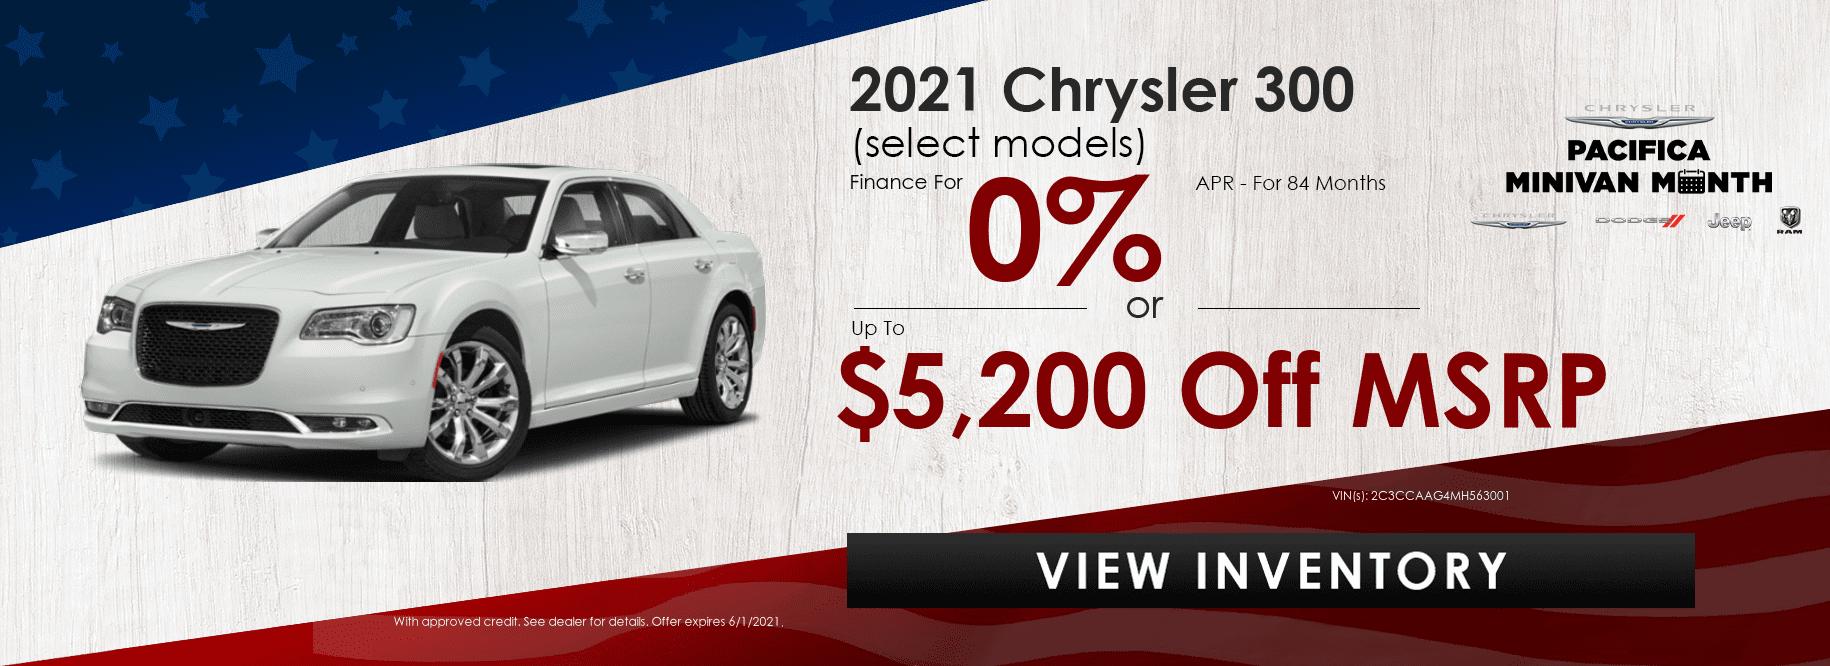 2021-Chrysler-300-(select-models)-cdjr